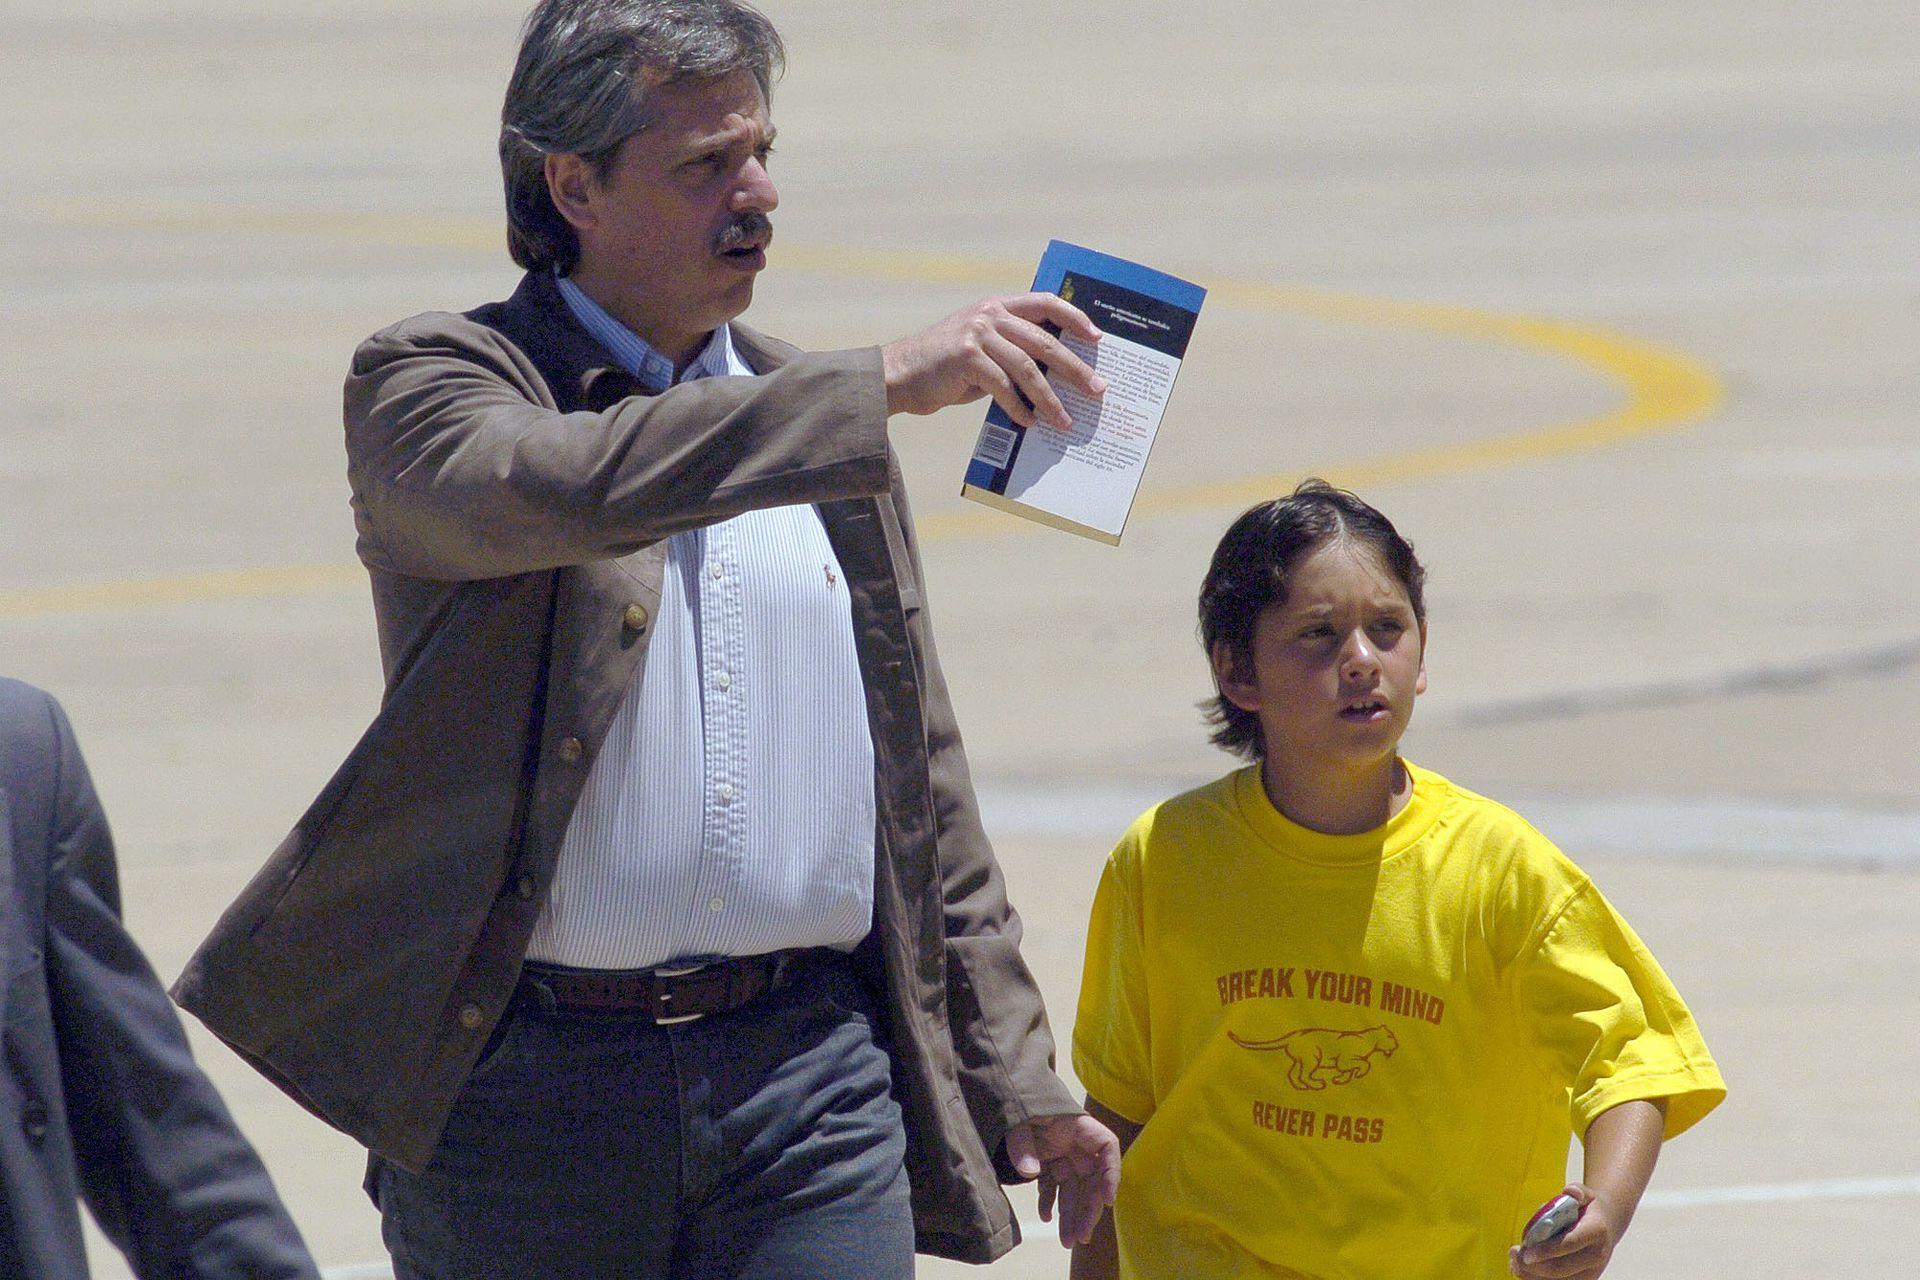 El arribo a la base militar junto a su hijo, el 11 de mayo de 2005